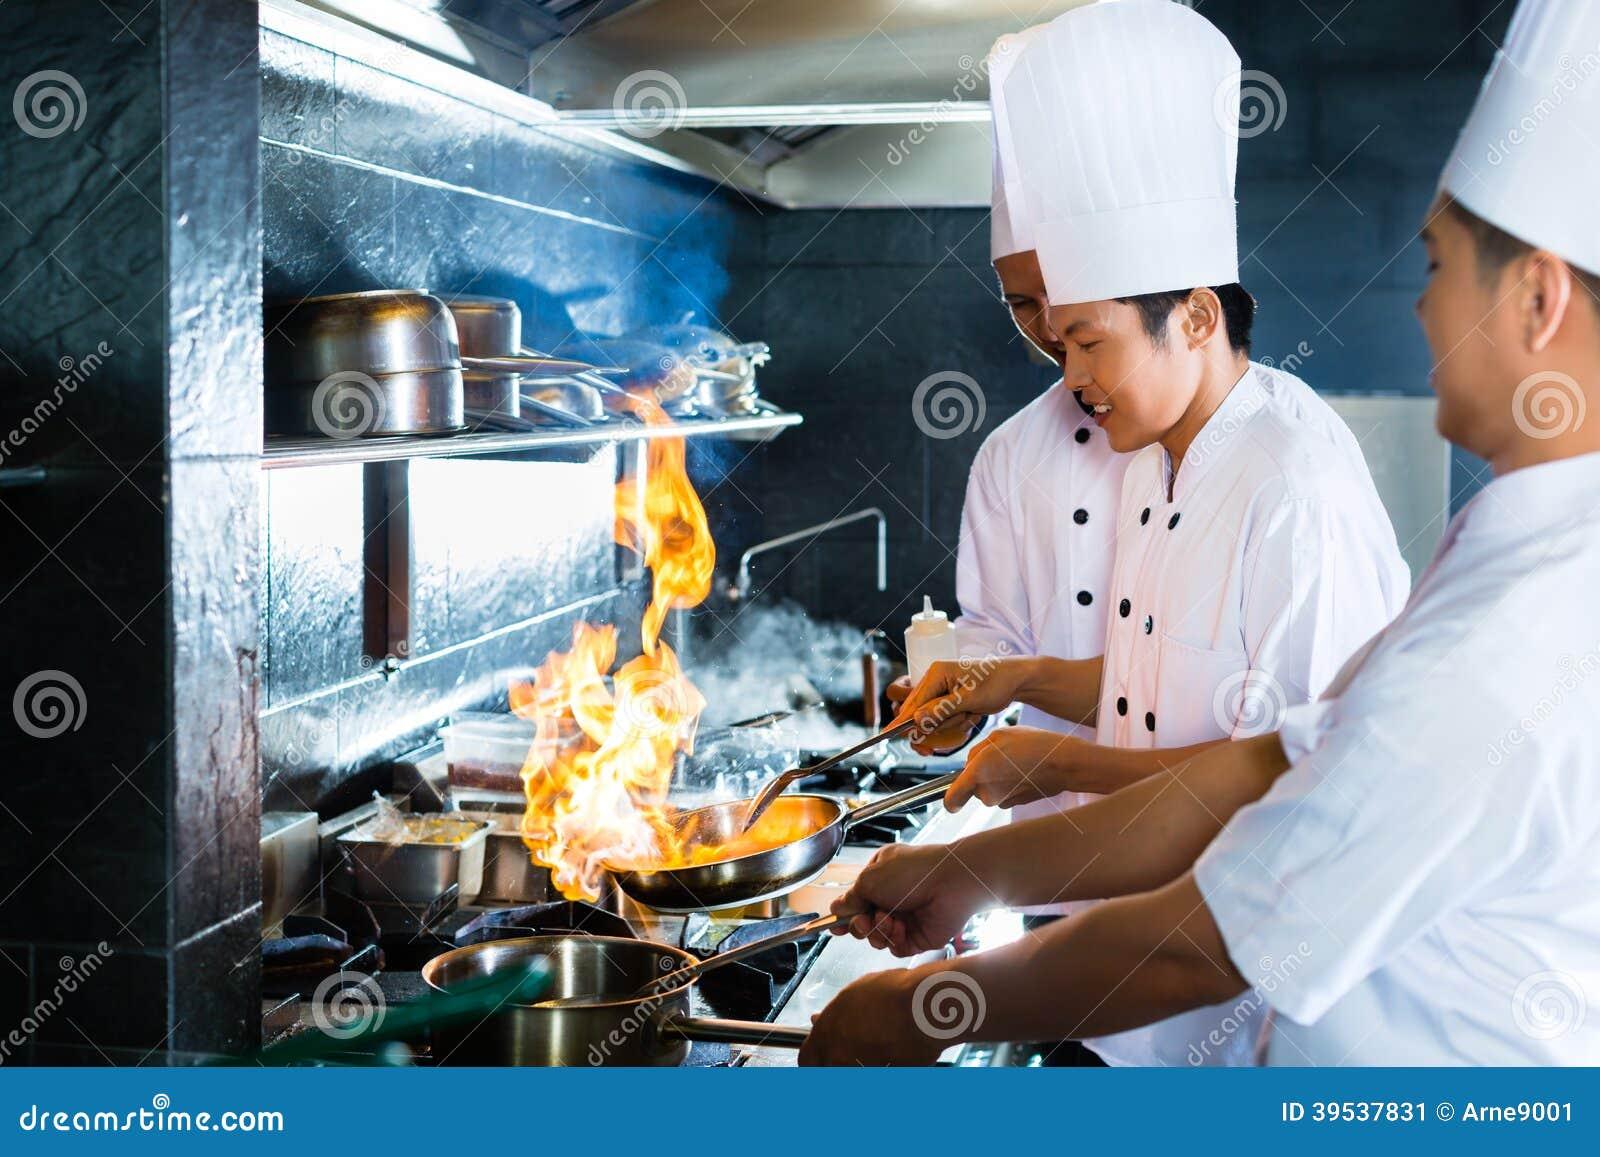 Indonesian Kitchen Restaurant